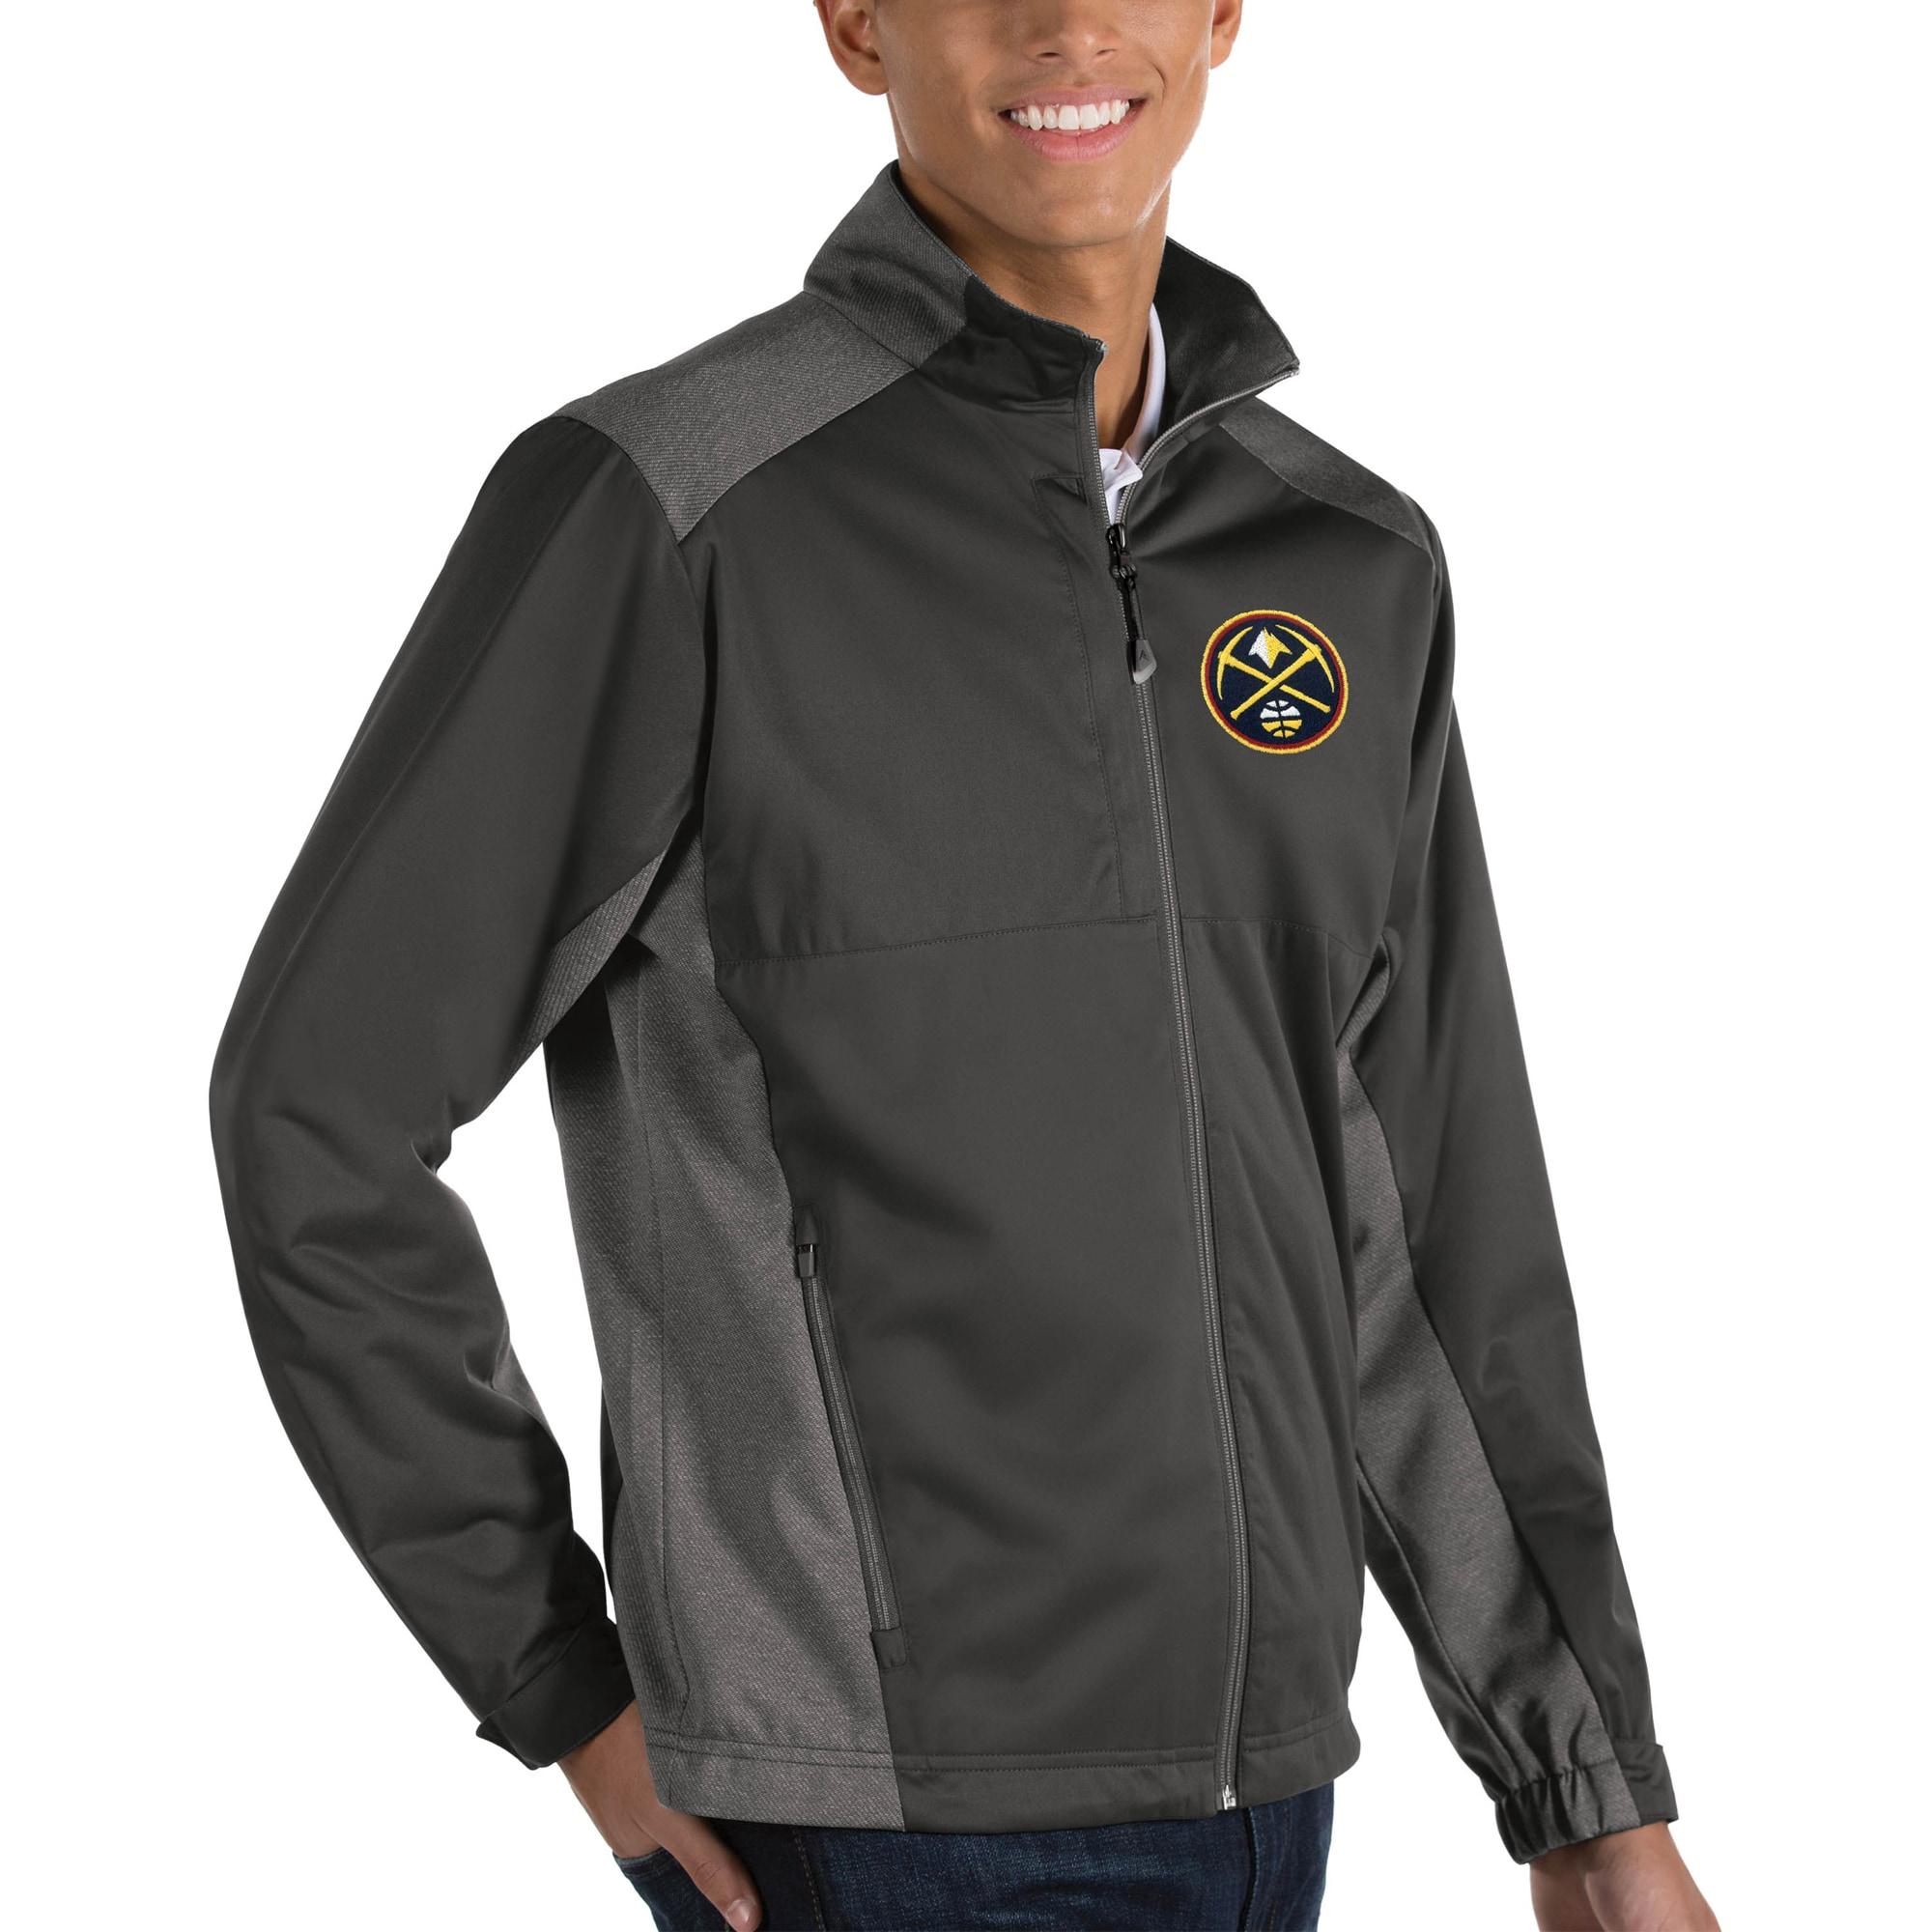 Denver Nuggets Antigua Revolve Big & Tall Full-Zip Jacket - Charcoal